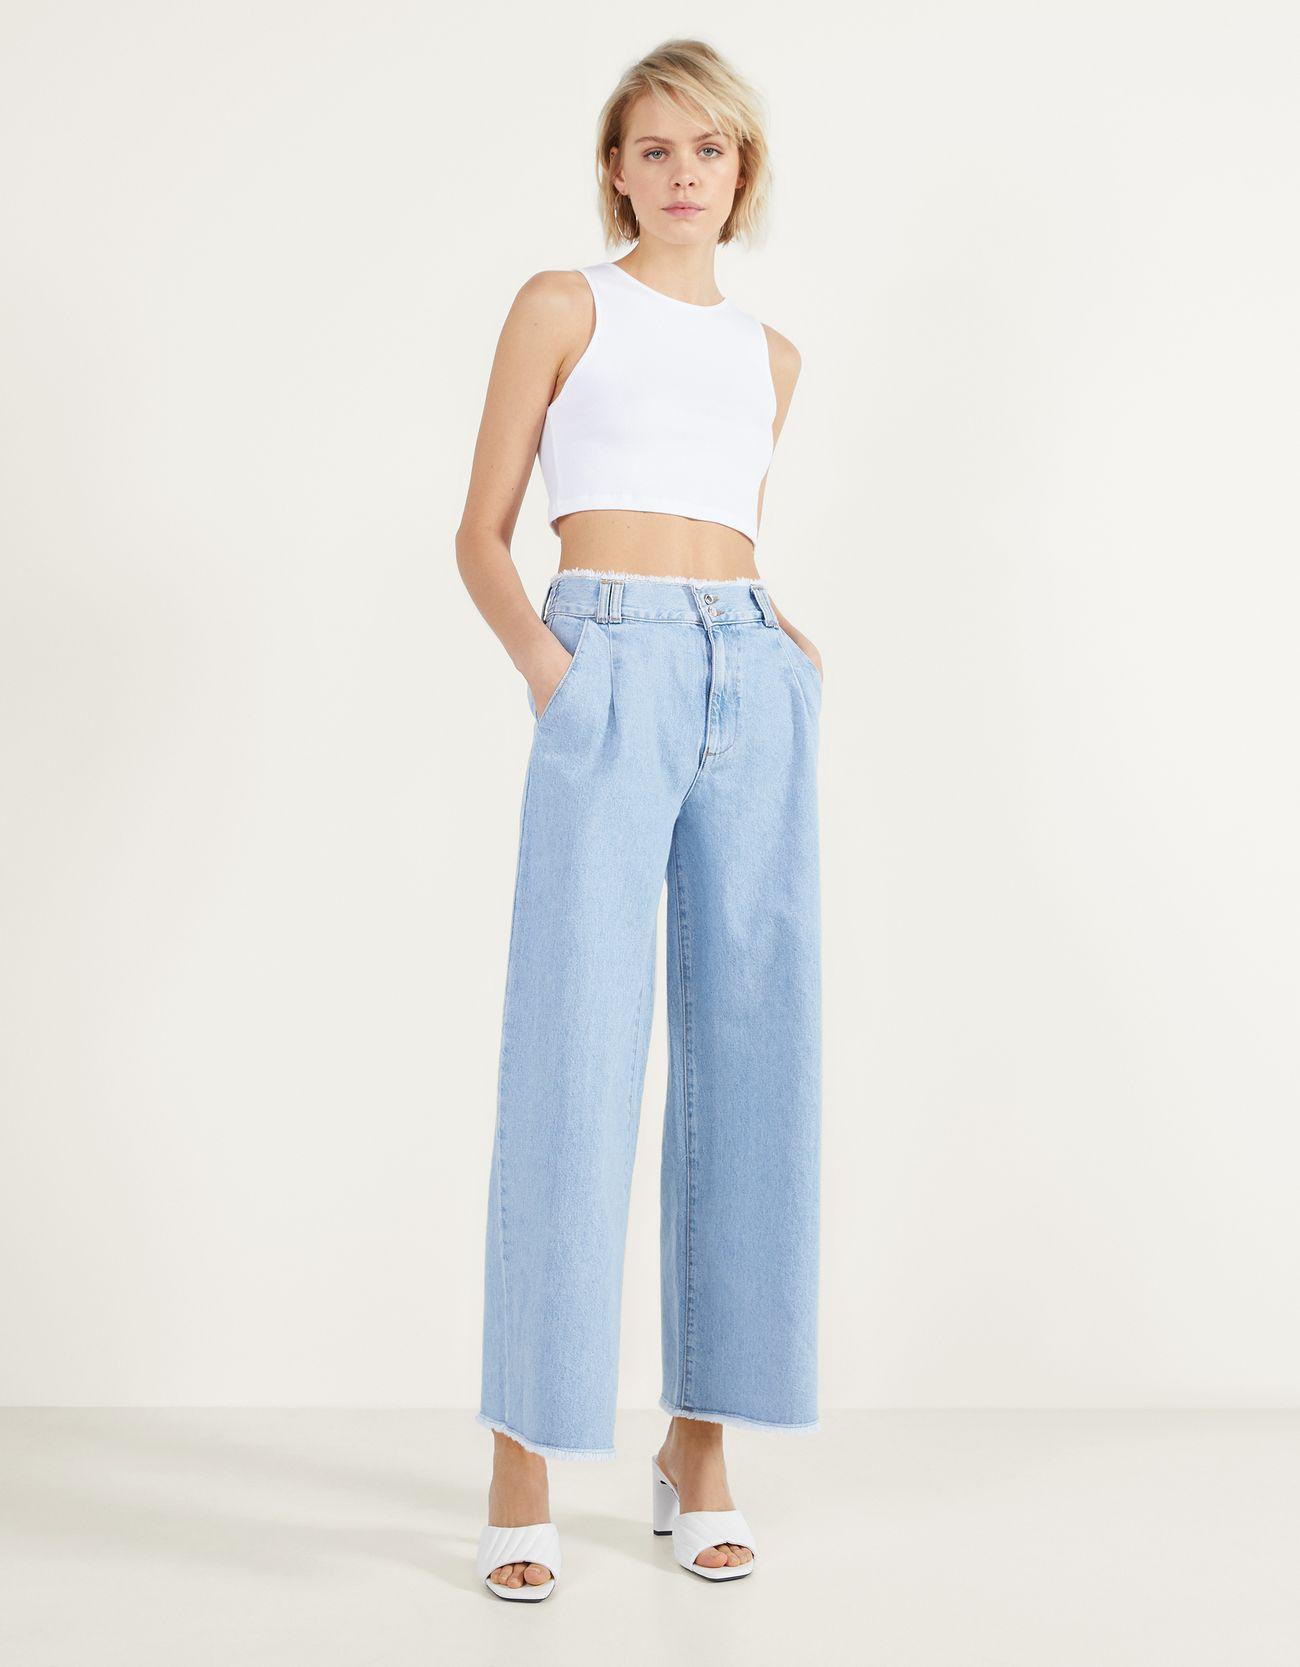 Джинсовые брюки-кюлоты с необработанной кромкой Синий застиранный Bershka